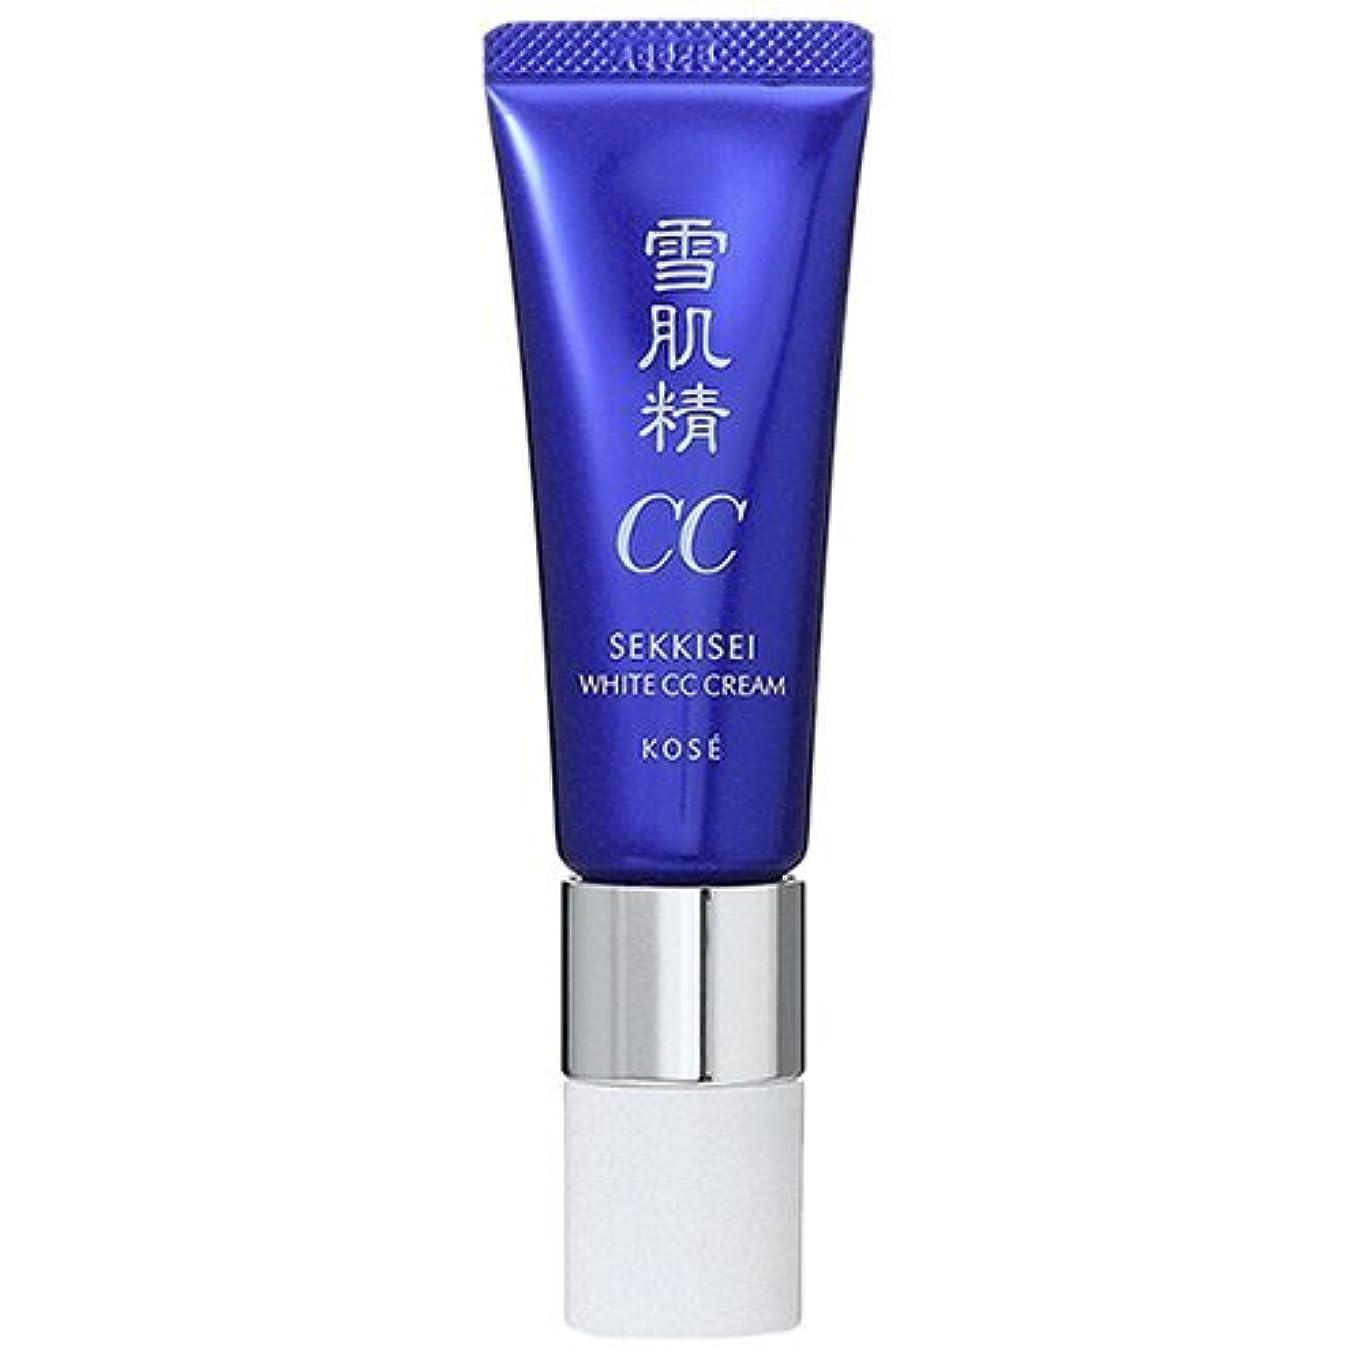 きらめく寝室赤道コーセー 雪肌精 ホワイトCCクリーム SPF50+ PA++++ 30g 01 (在庫)